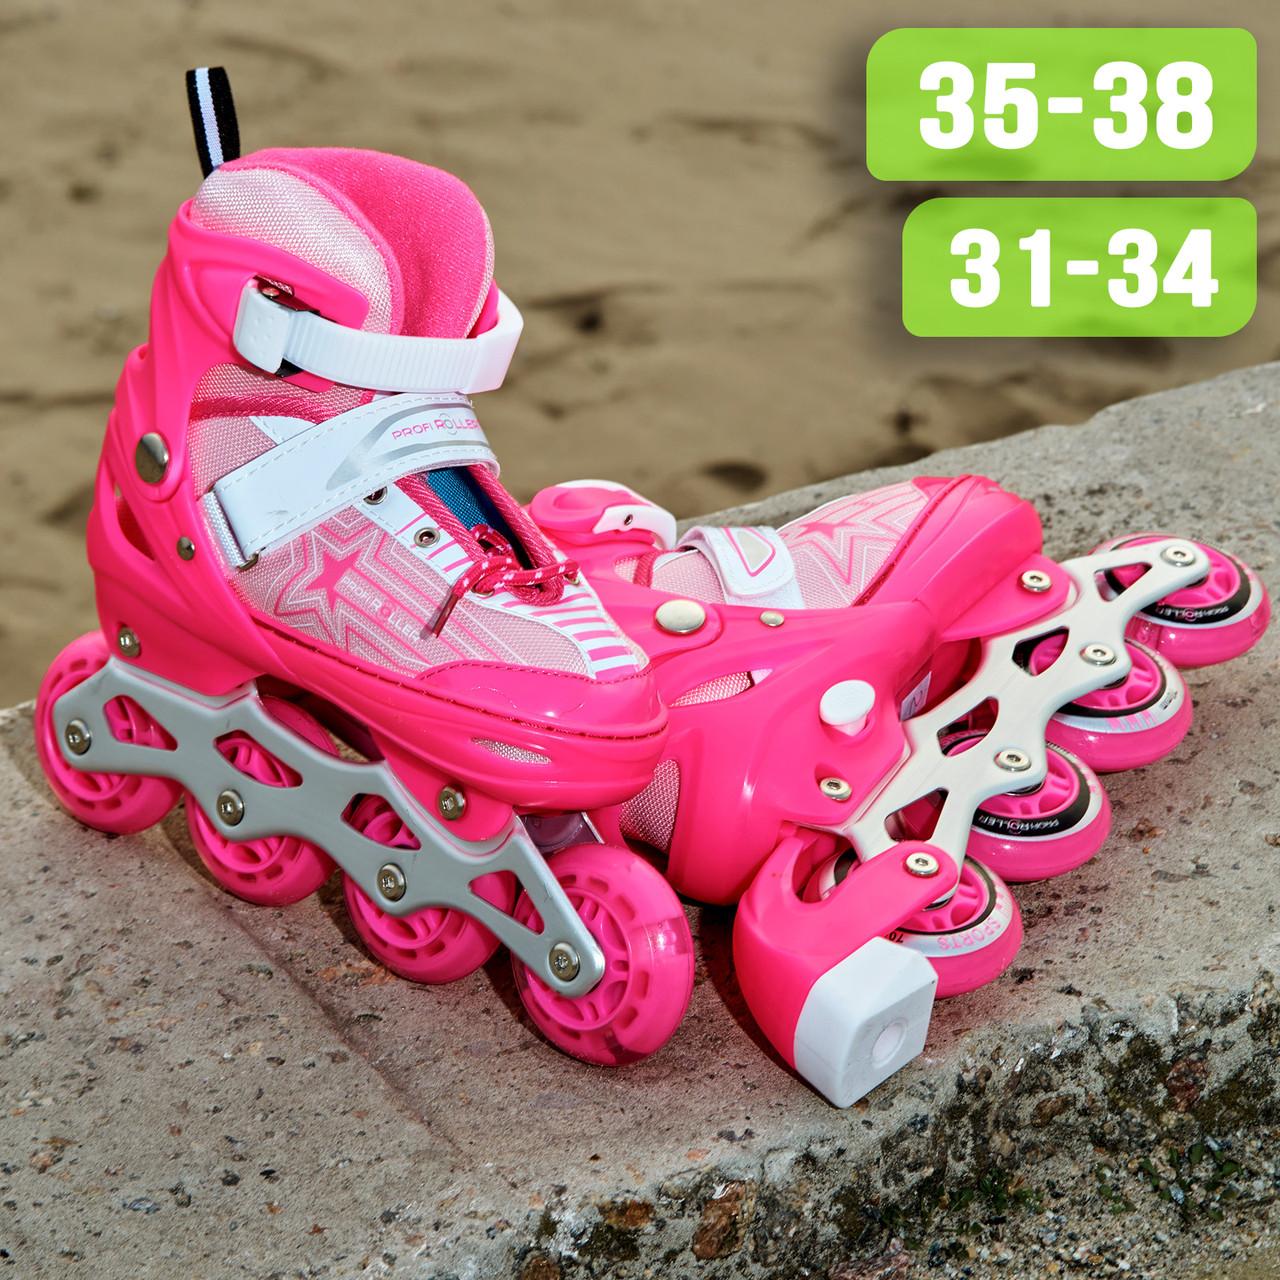 Детские ролики раздвижные ROLLER SPORT 2563 (35-38)  Розовые (31-34;)